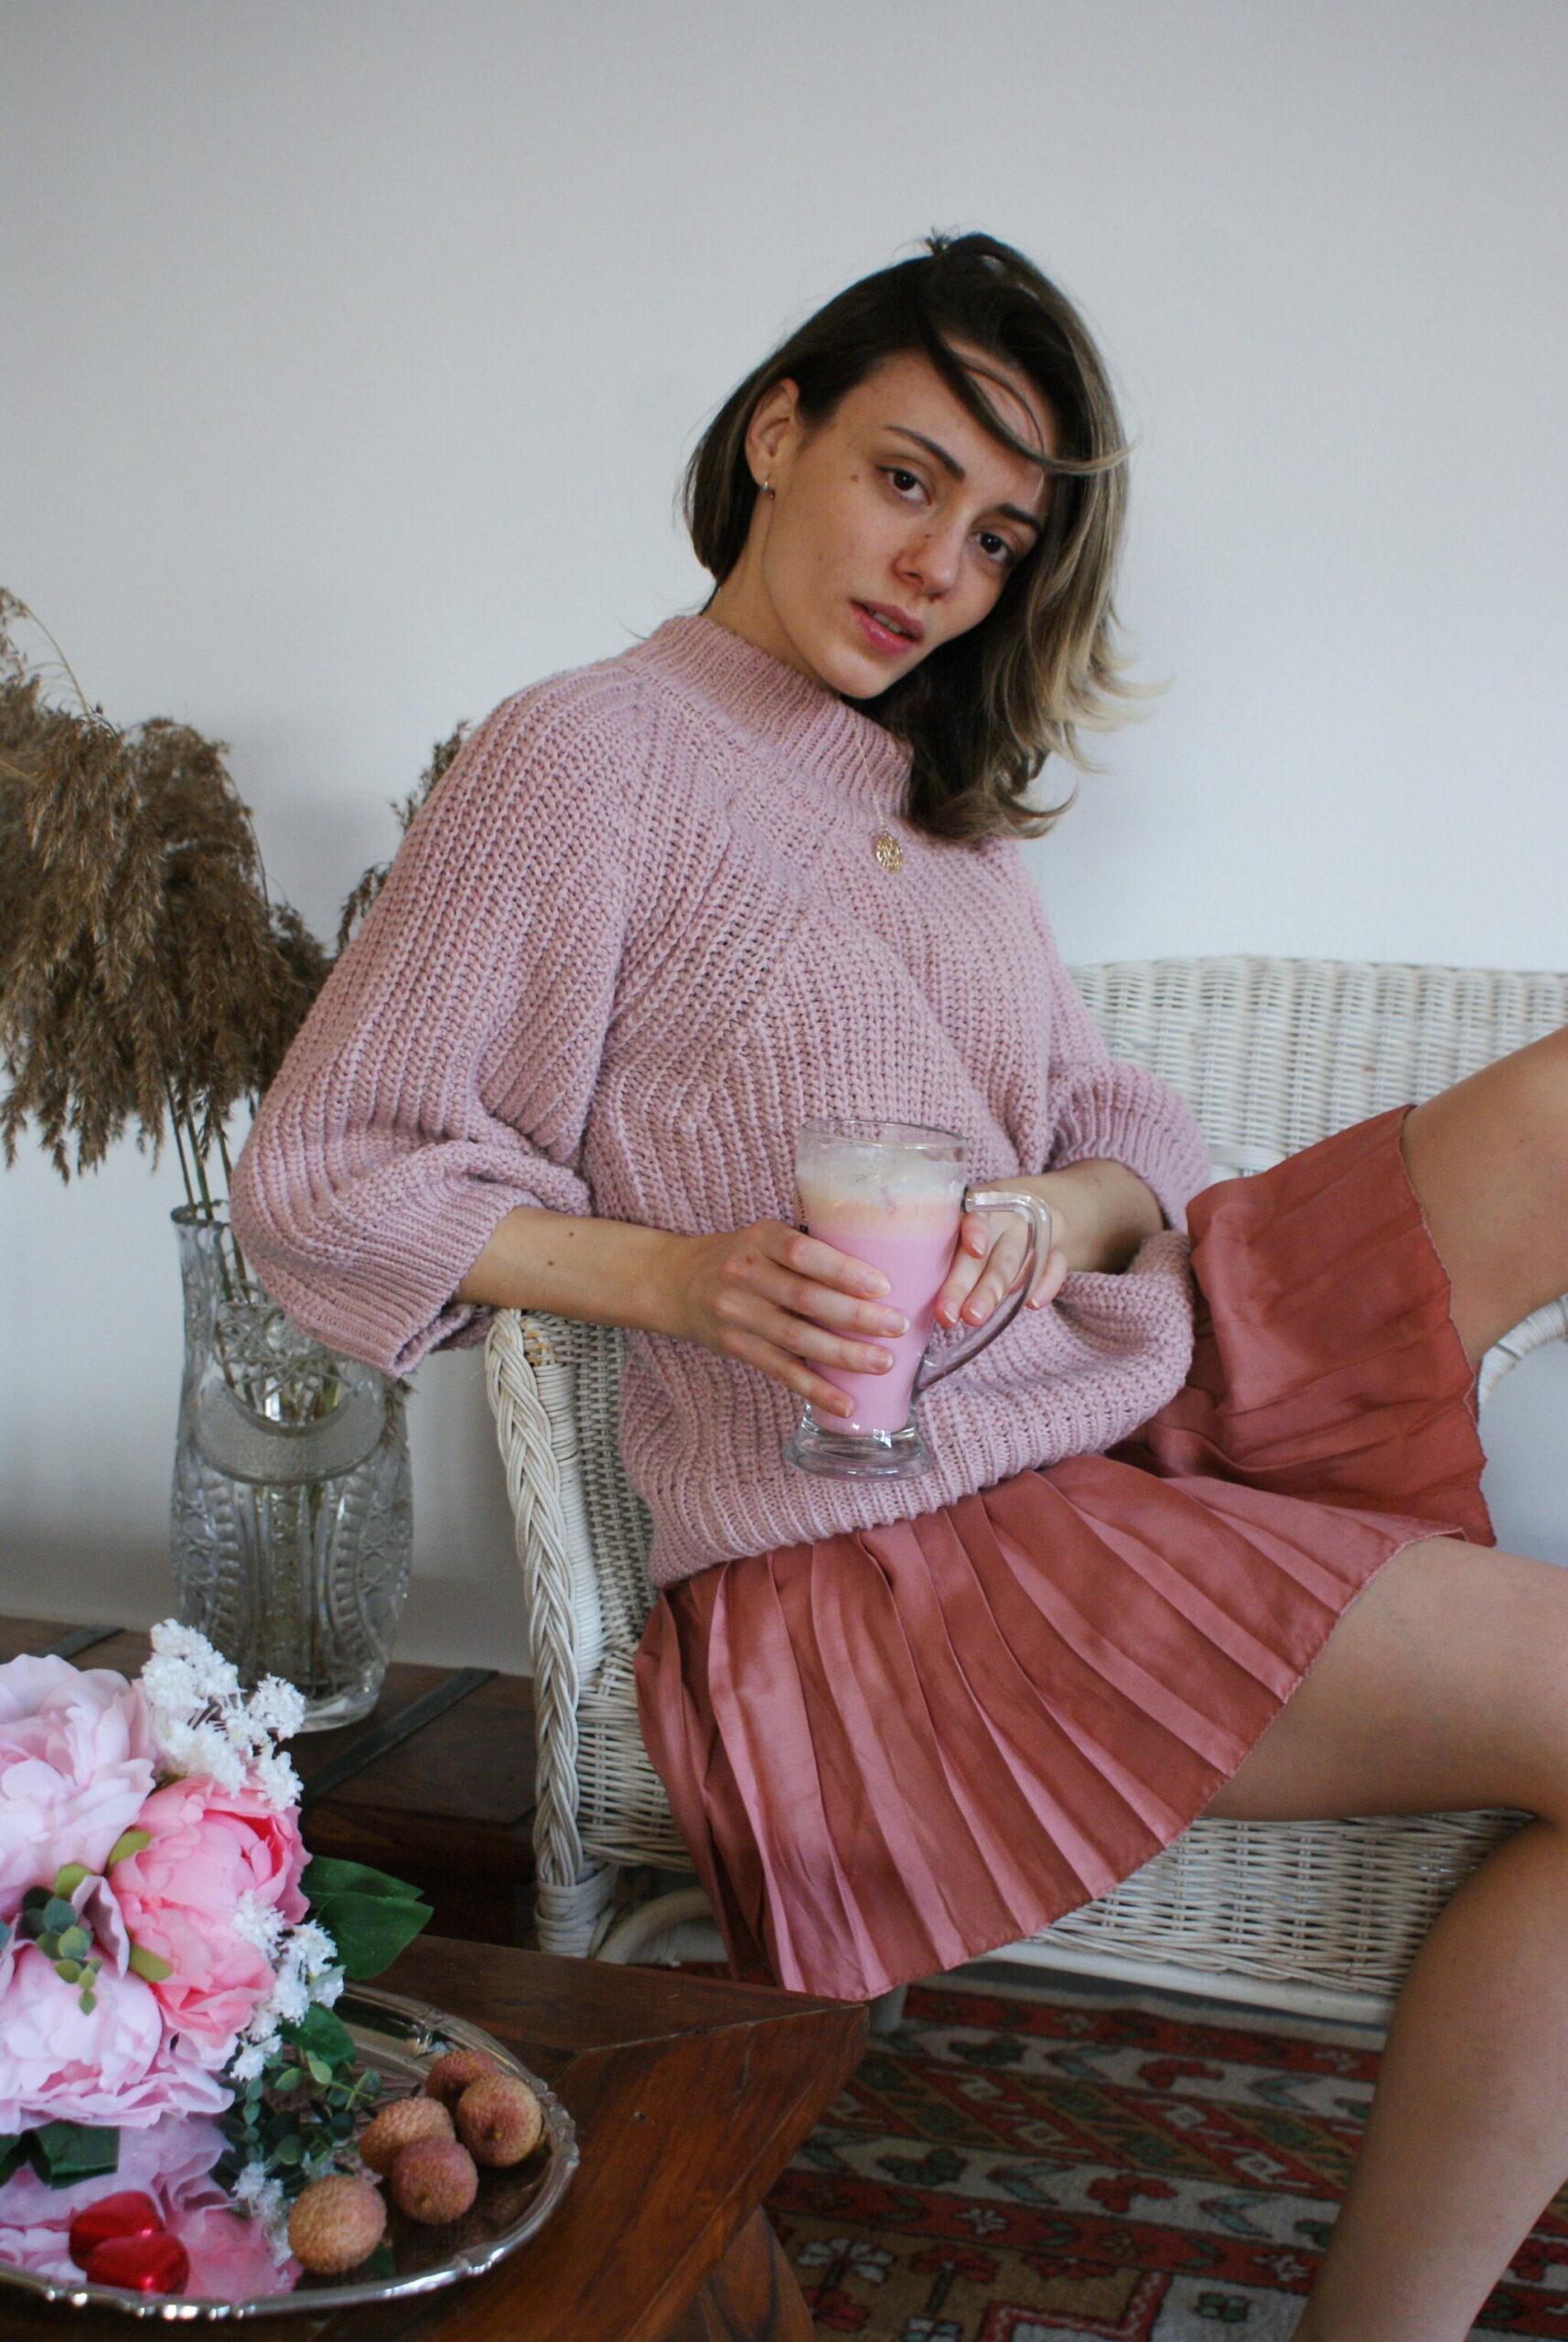 elisa diy lifestyle blogger italia italy blog creativo blogger creativa fai da te